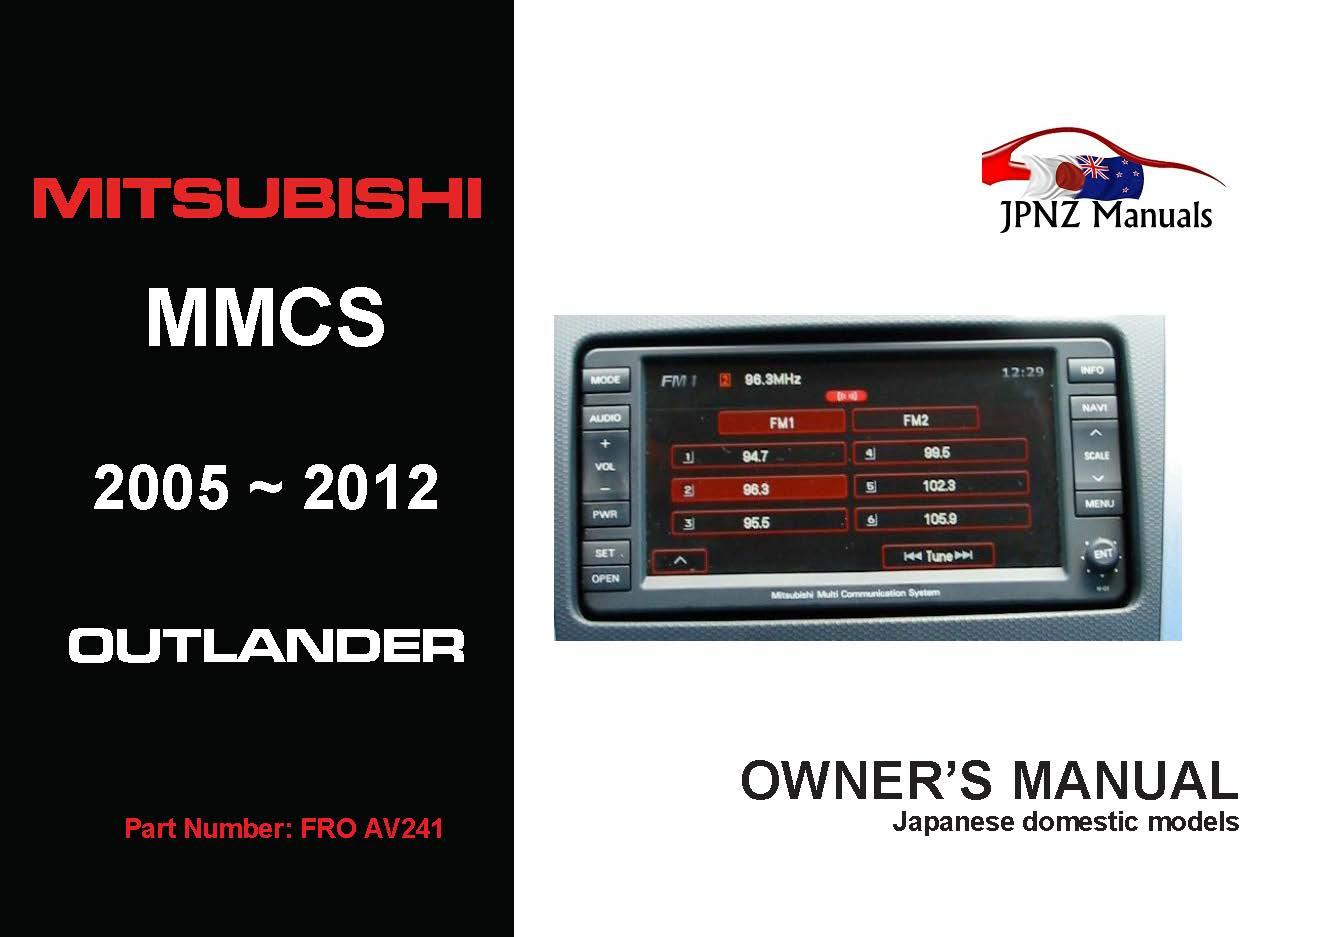 Mitsubishi Outlander Mmcs Install Manual